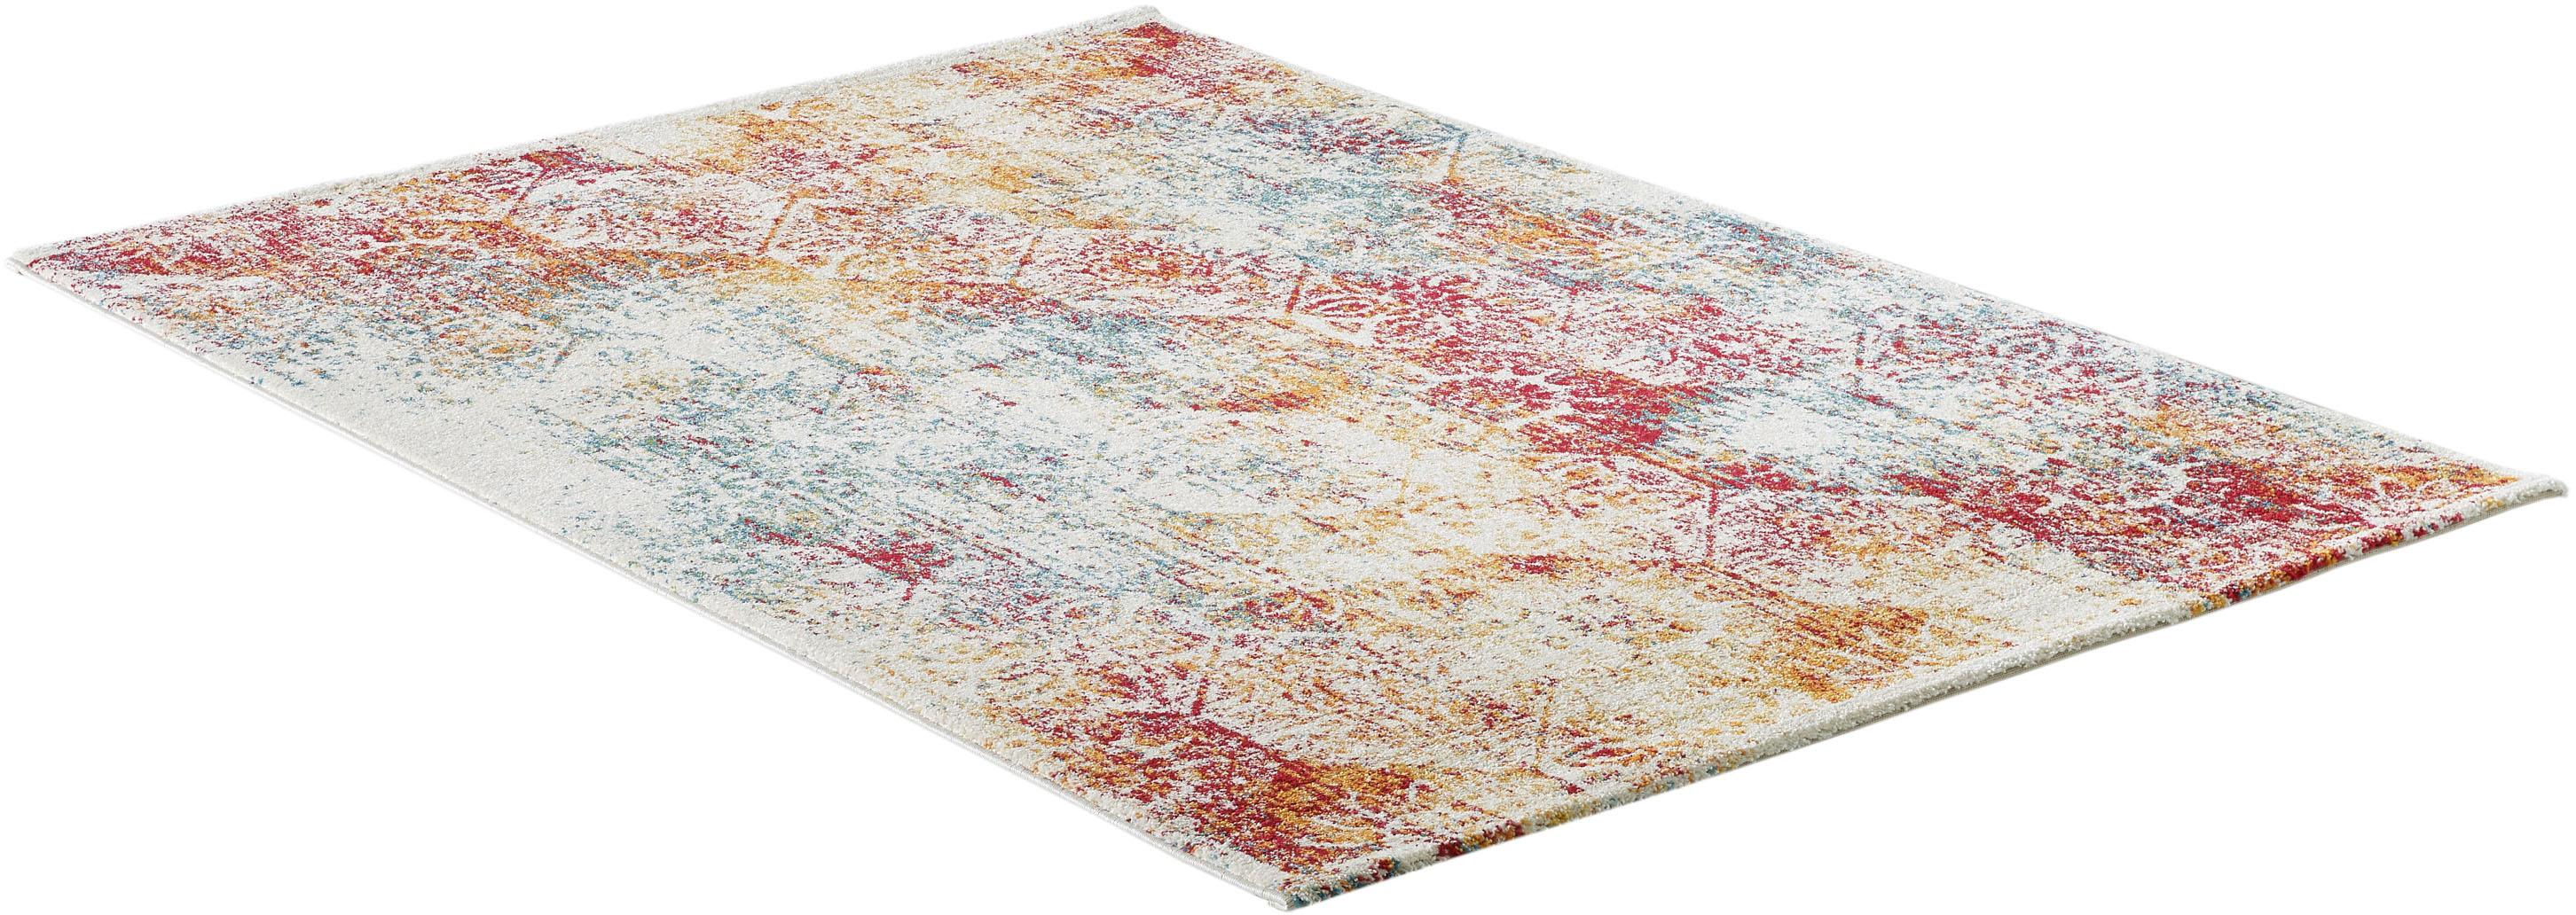 Teppich Vintage 1617 Sanat Teppiche rechteckig Höhe 13 mm maschinell gewebt